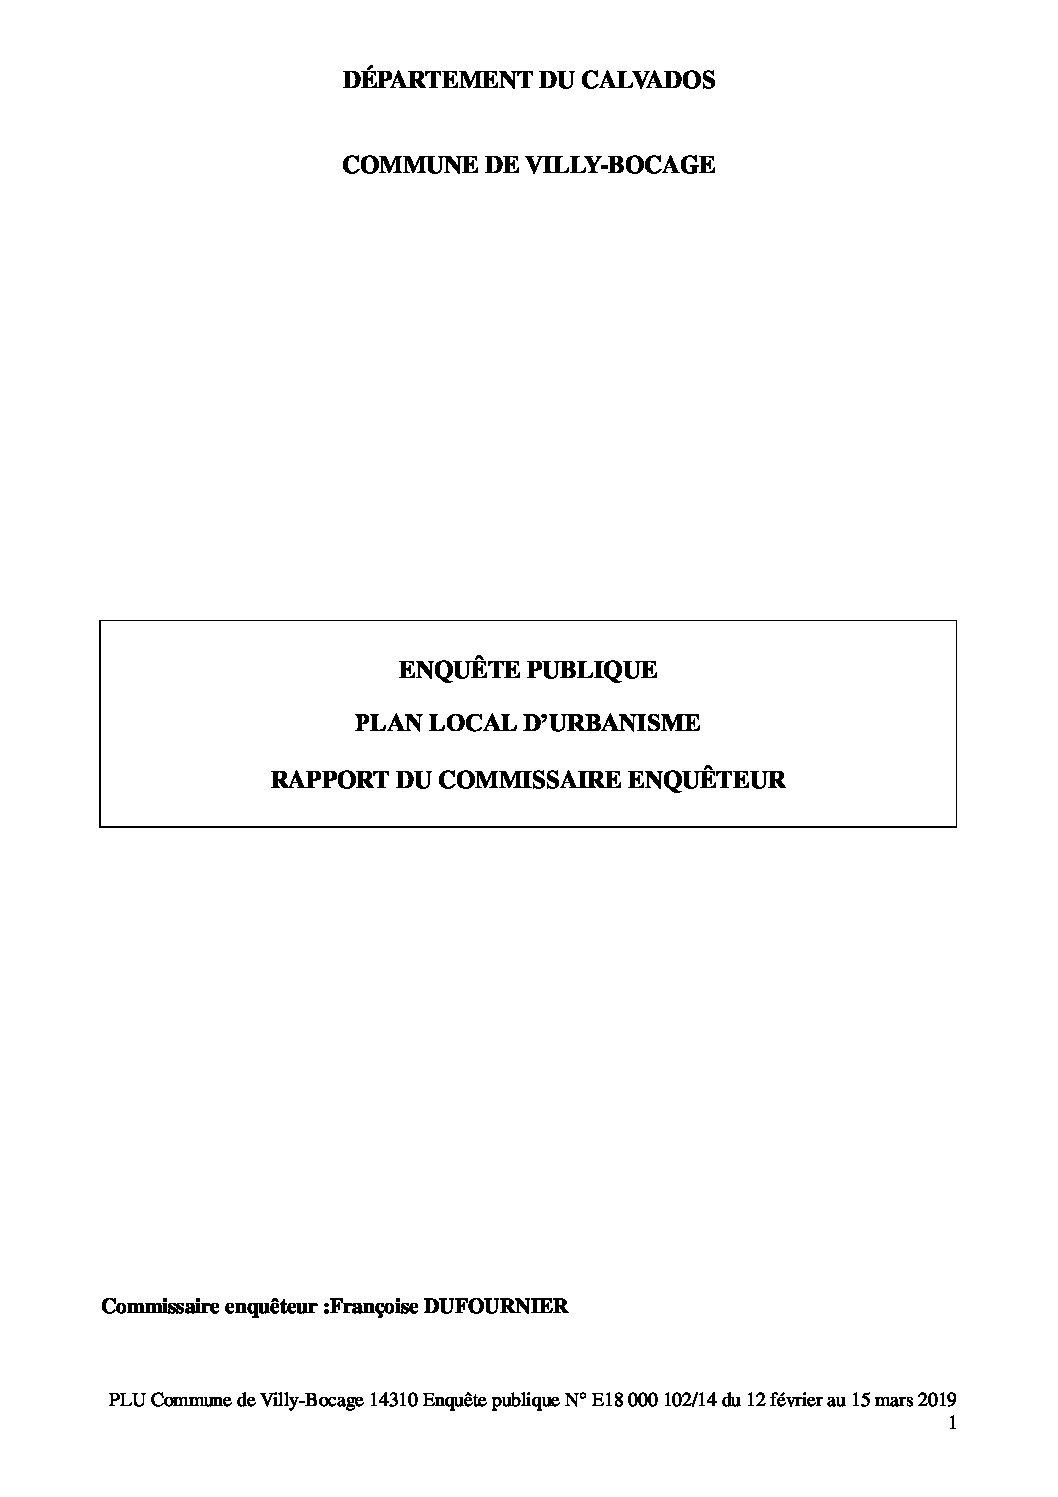 Villy-Bocage – PLU commune de Villy-BOCAGE rapport commissaire enquêteur